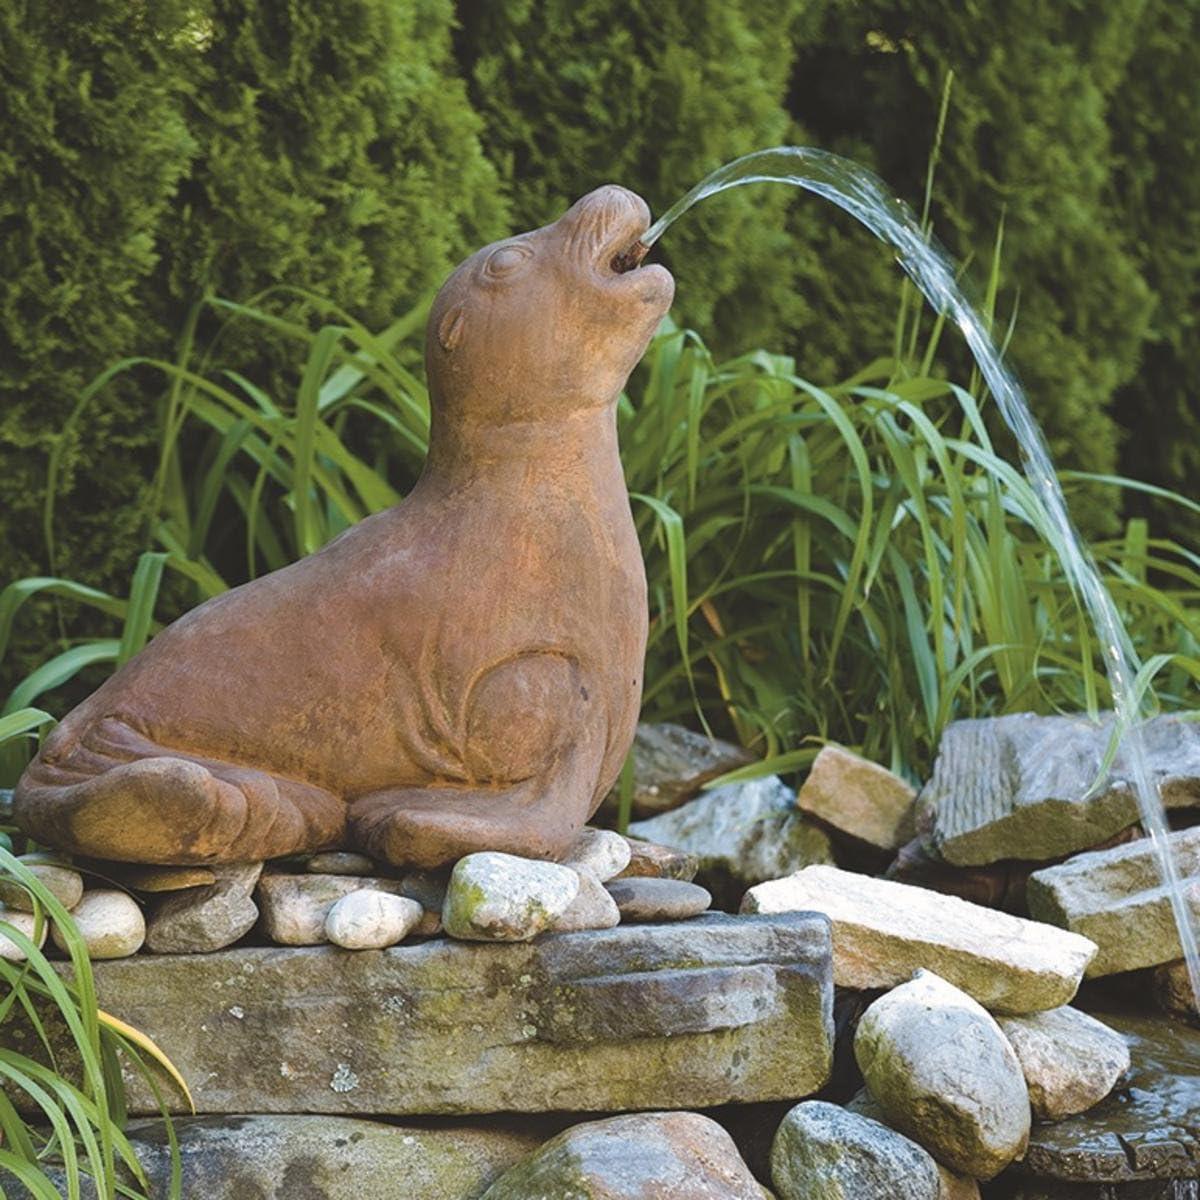 Descanso cierre fundido piedra estanque de jardín Spitter: Amazon.es: Jardín